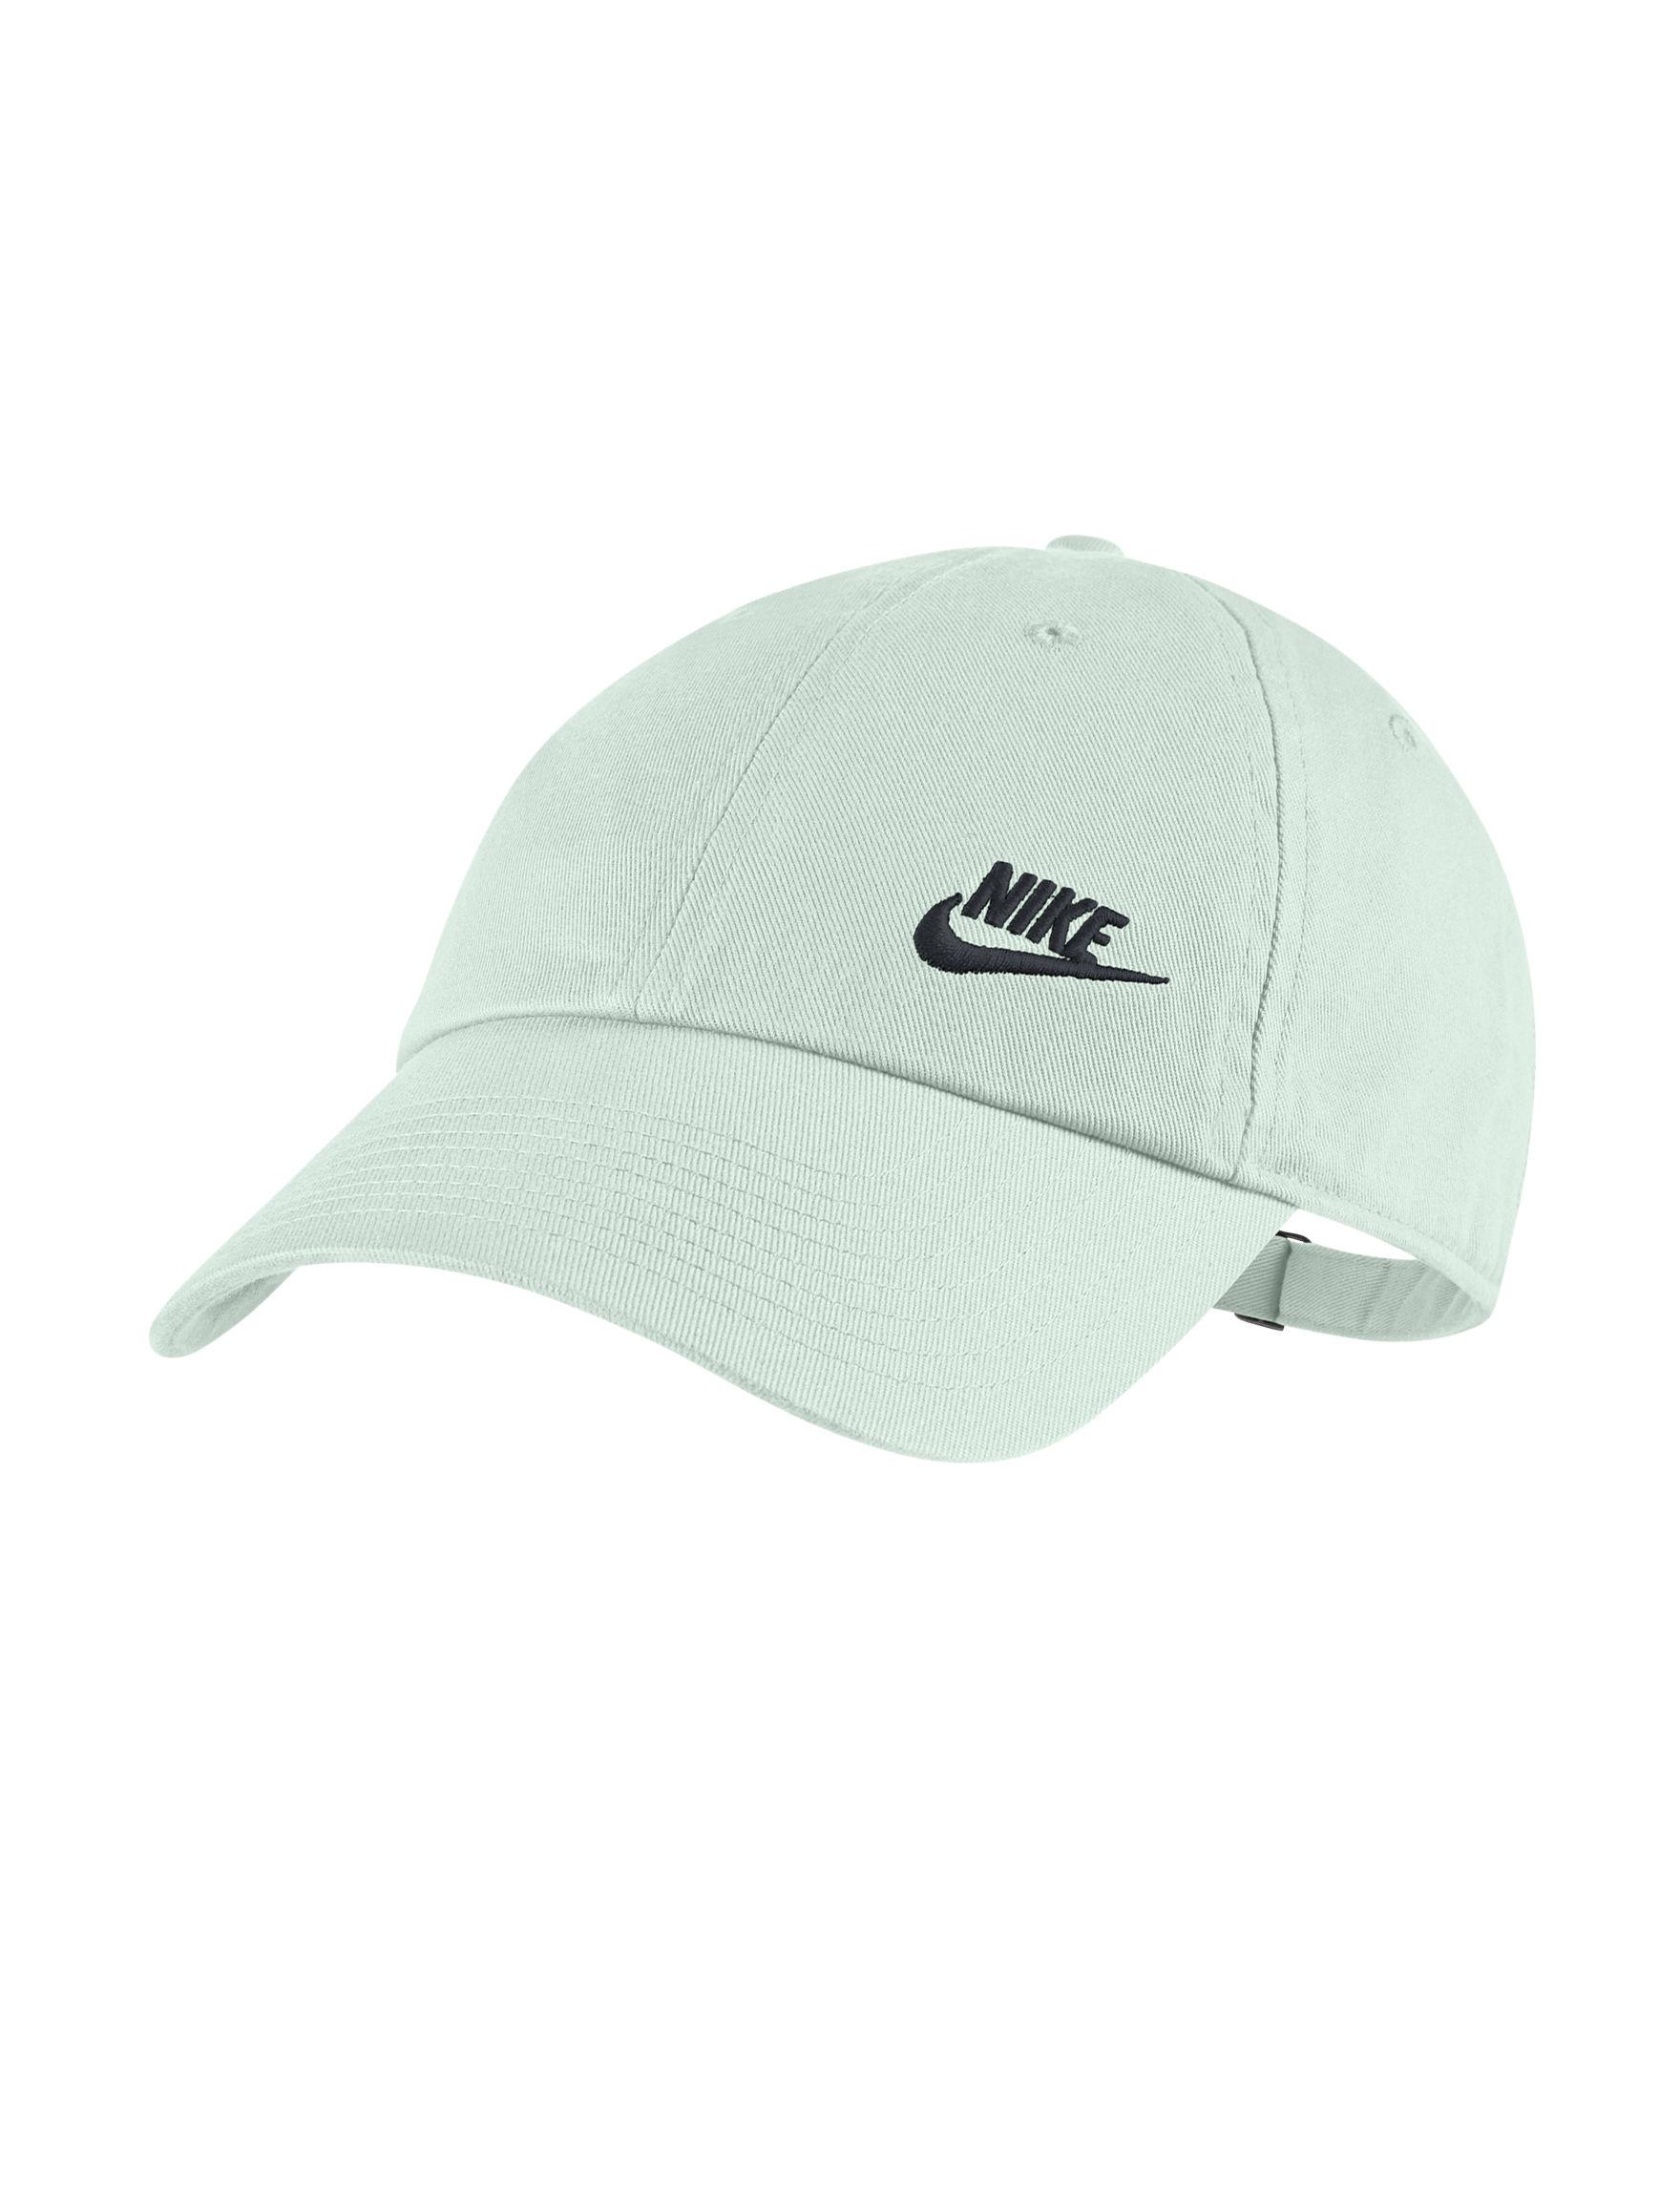 Nike Grey Hats & Headwear